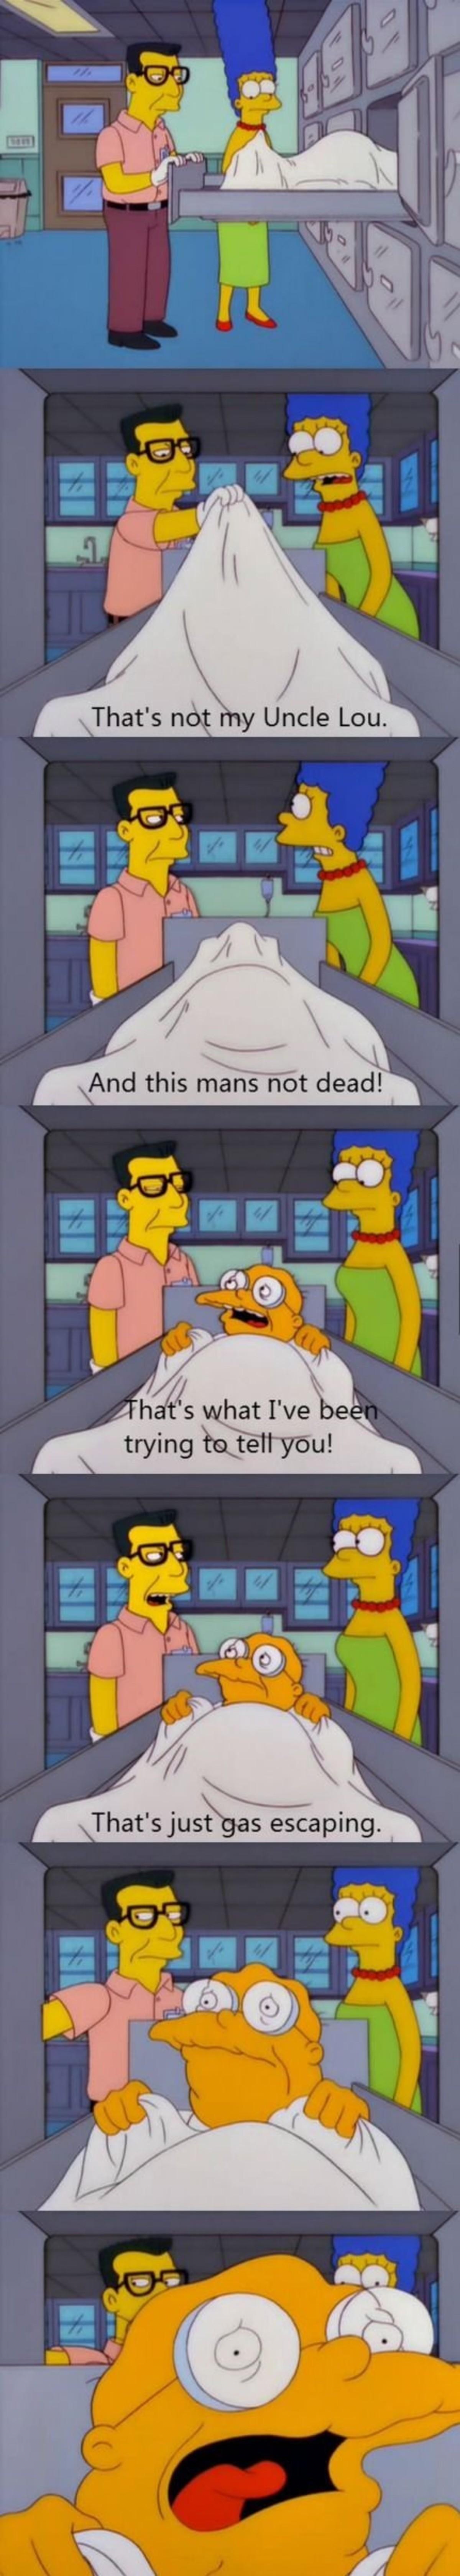 The Morgue. .. Nut.